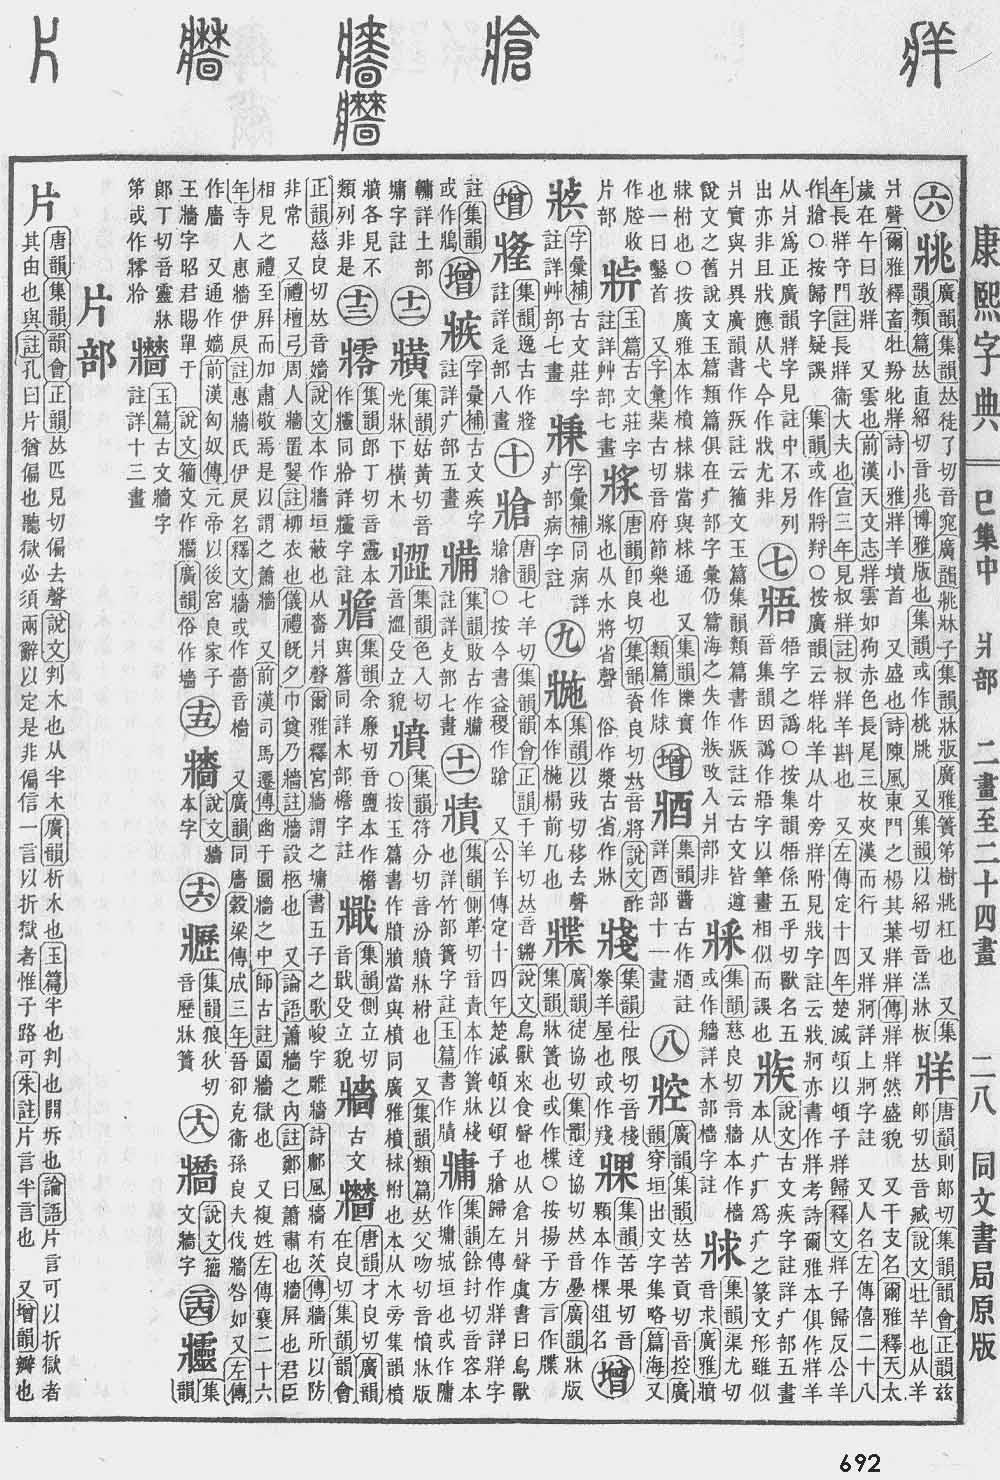 《康熙字典》第692页